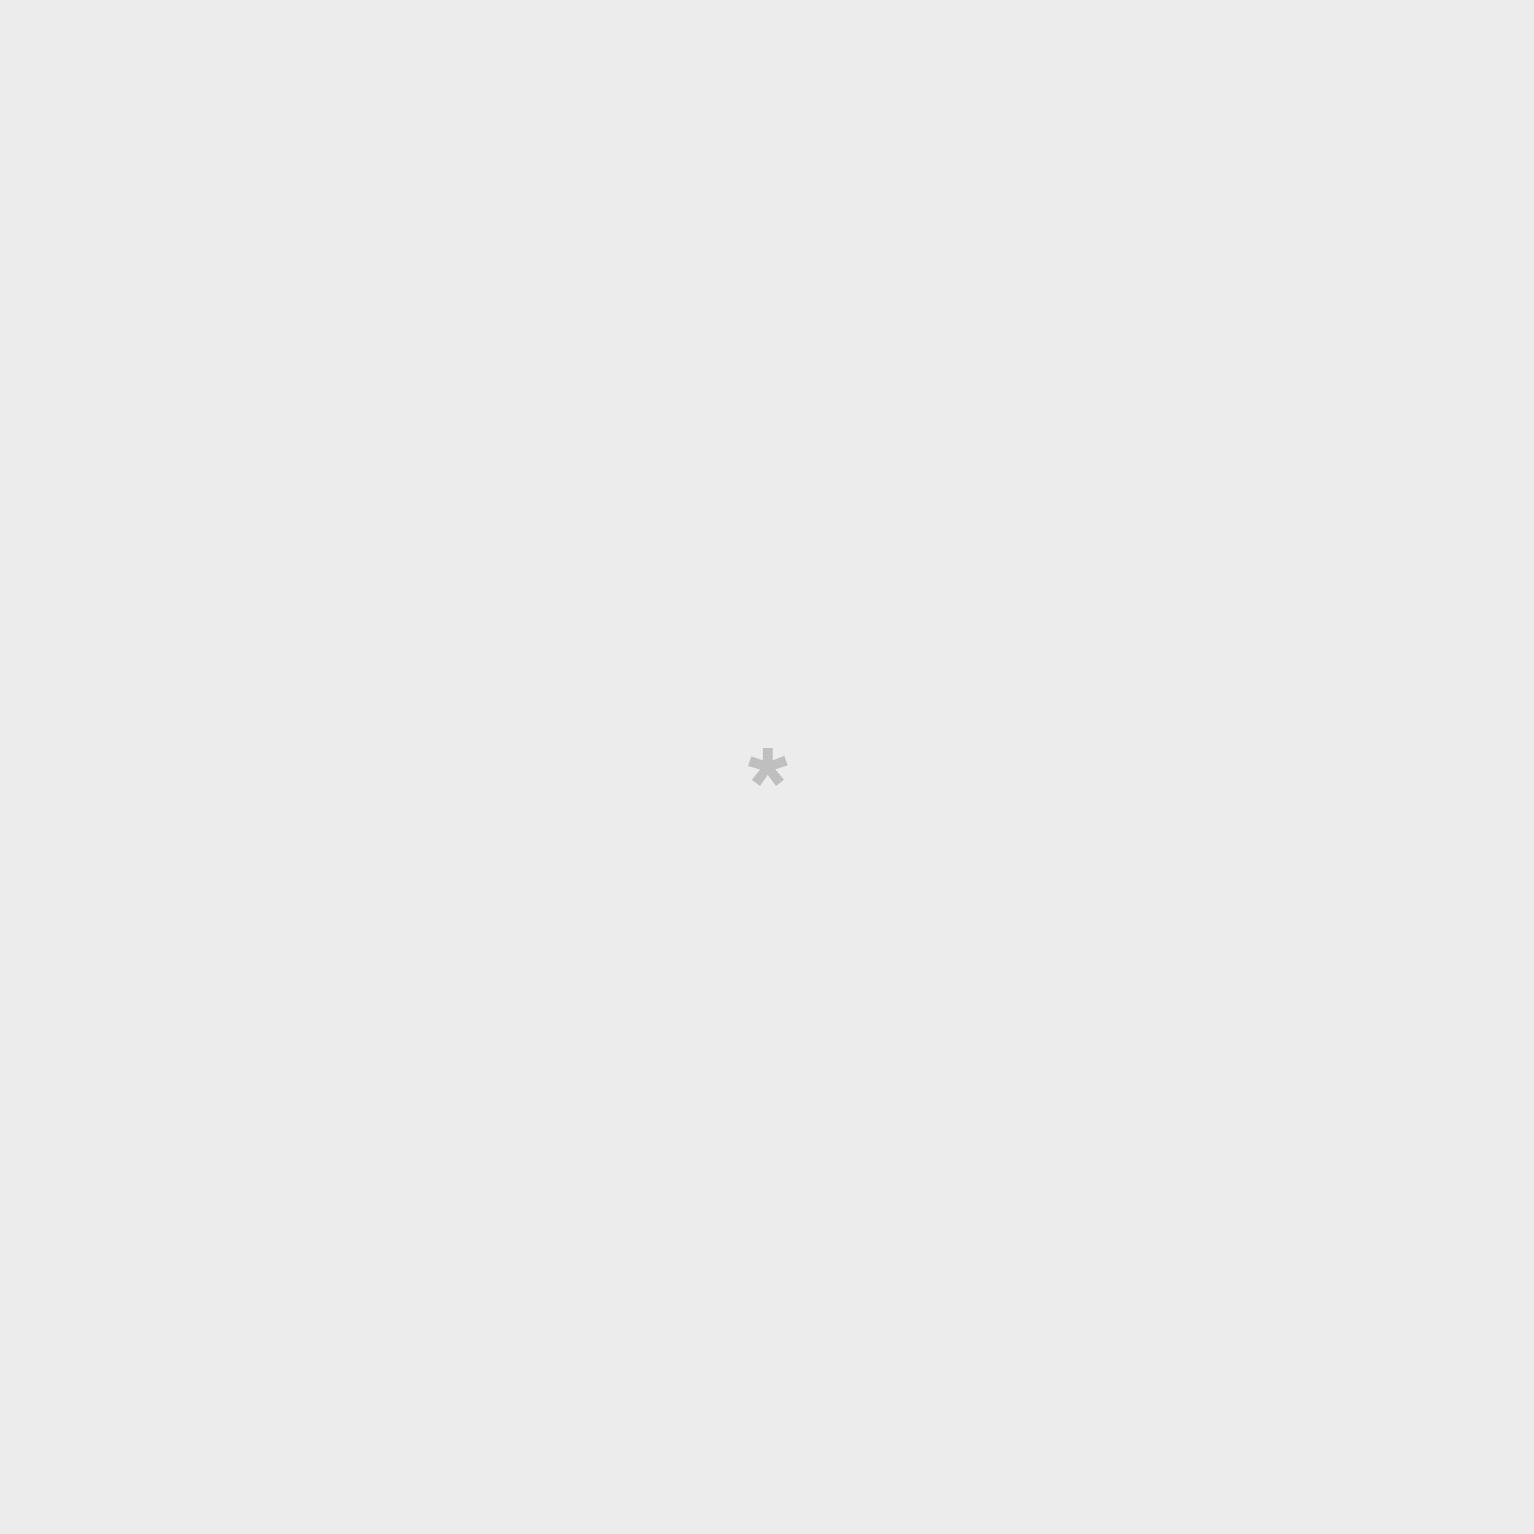 Agenda bullet - Mucho por escribir, dibujar y celebrar